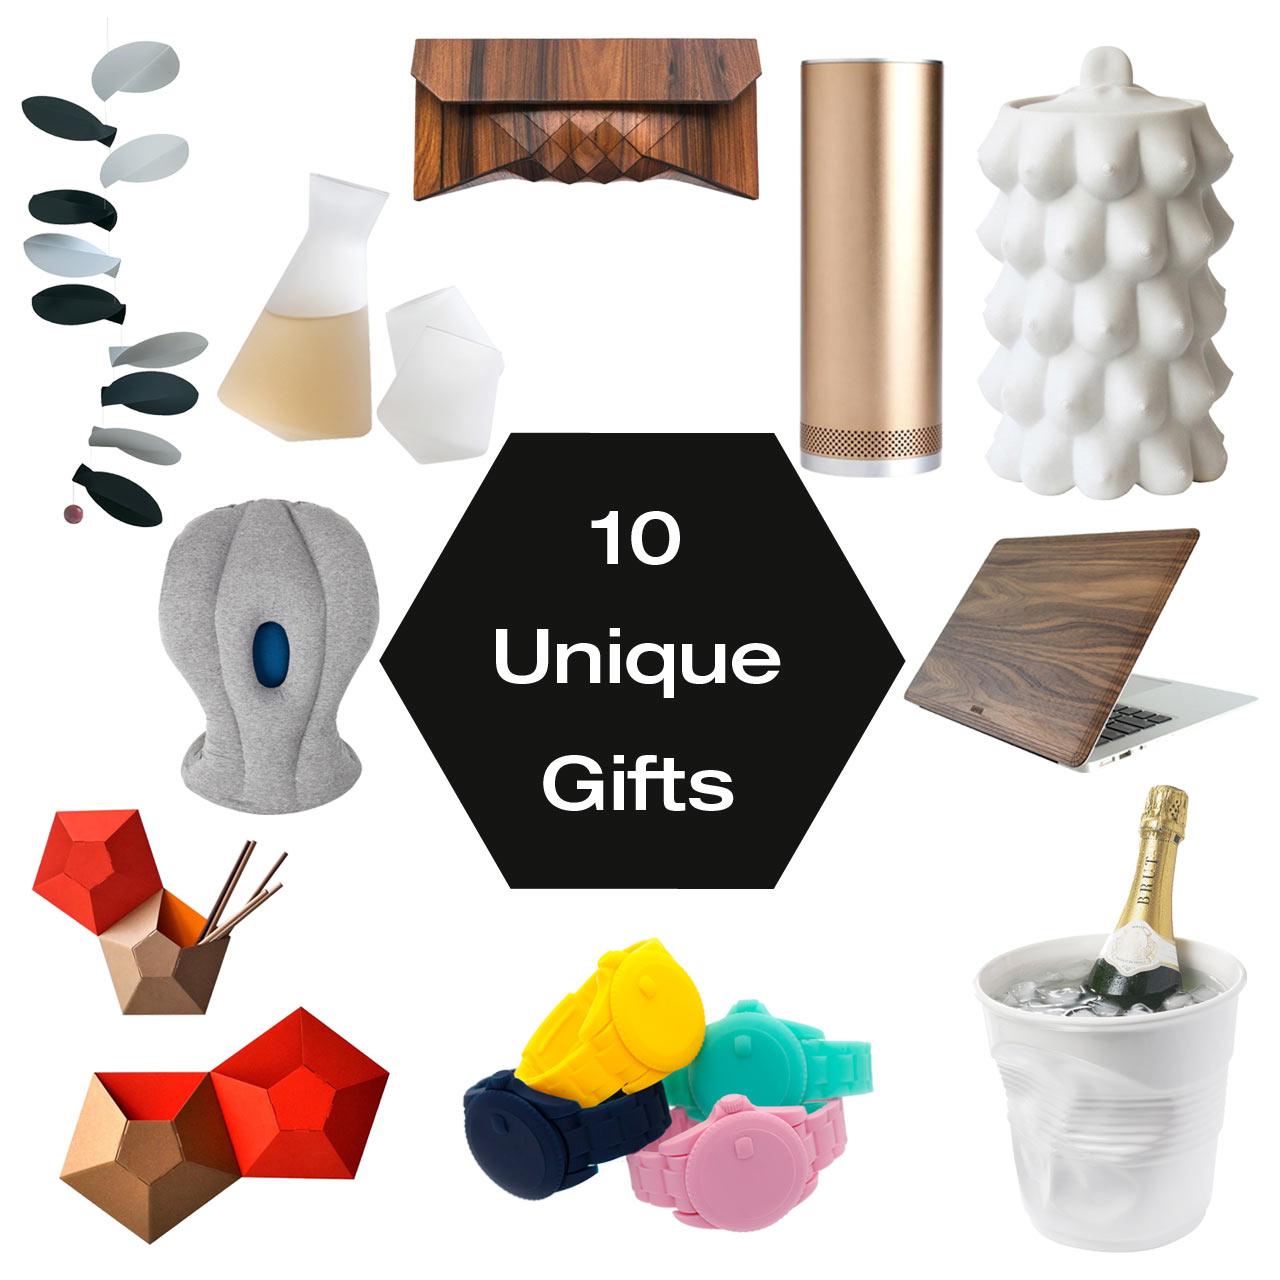 ahalifegiftguide - unique modern gift ideas from ahalife design milk